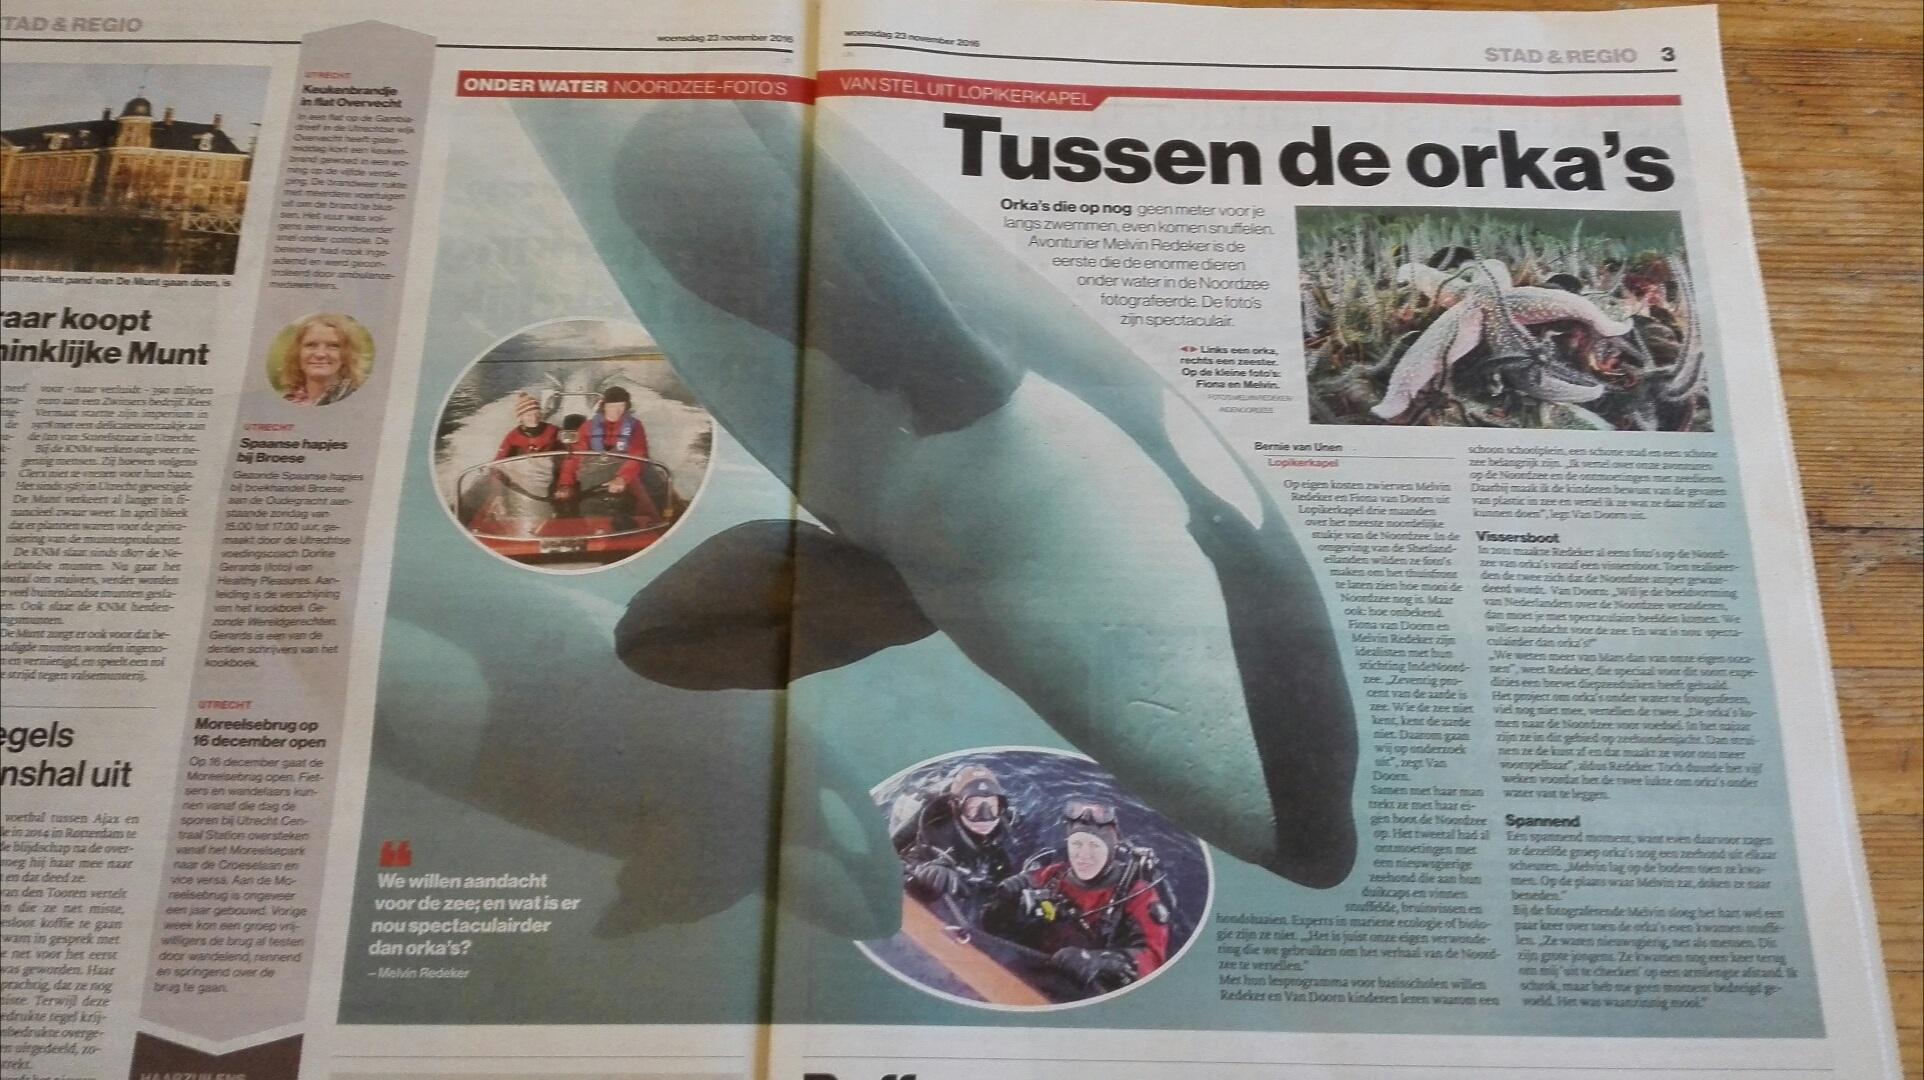 AD Regio Utrecht: Tussen de orka's